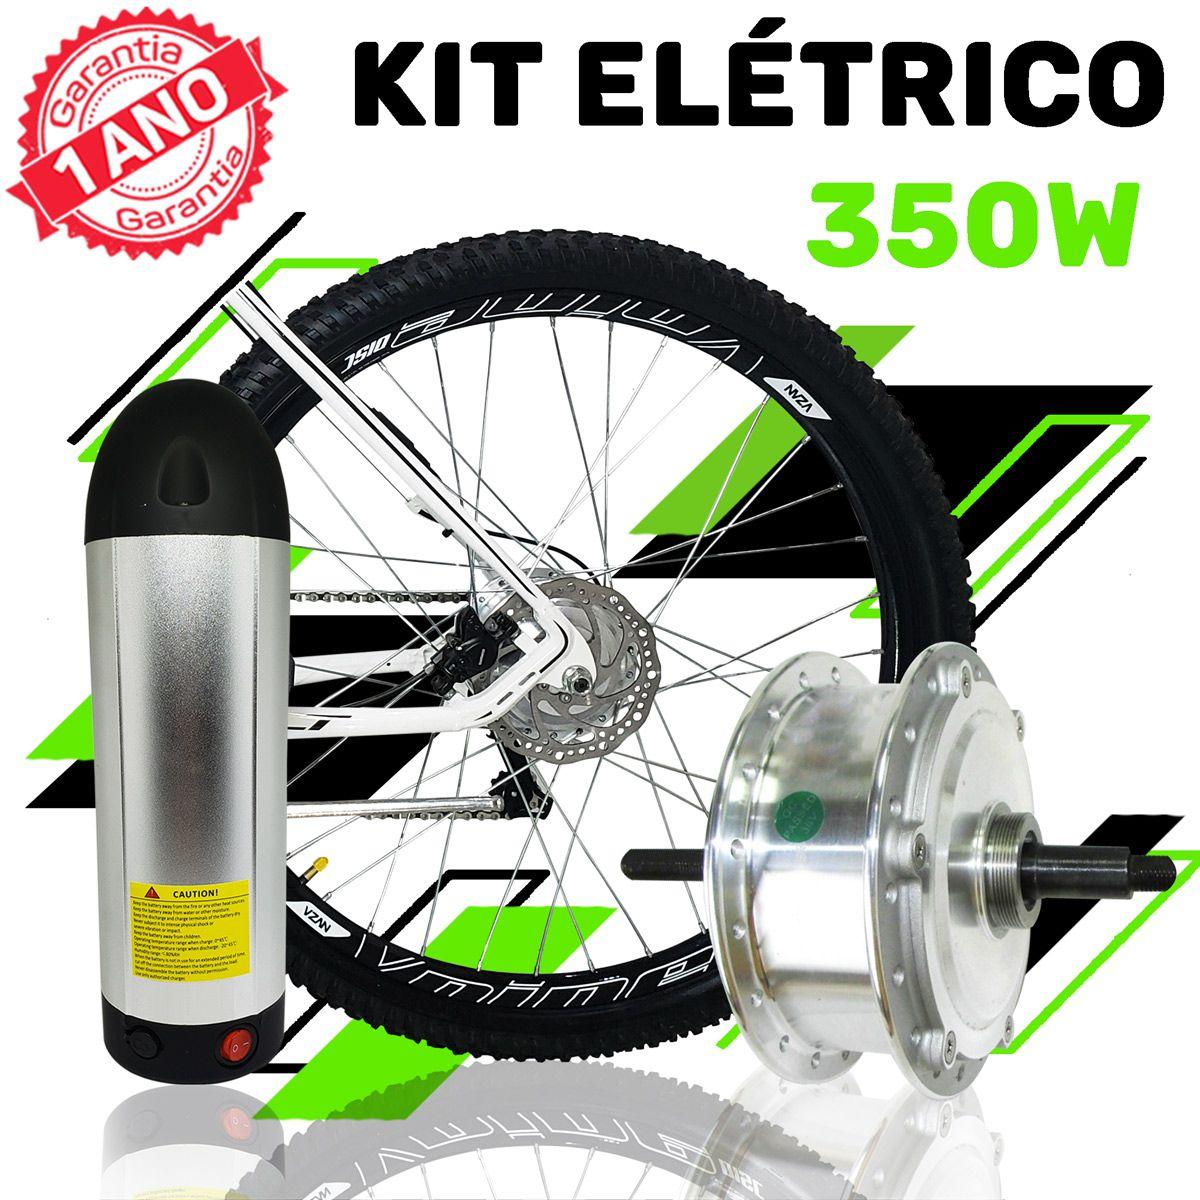 Kit Elétrico para Bicicleta - TecBike - Bateria Cilíndrica - 350 Watts 36V - Aro 20